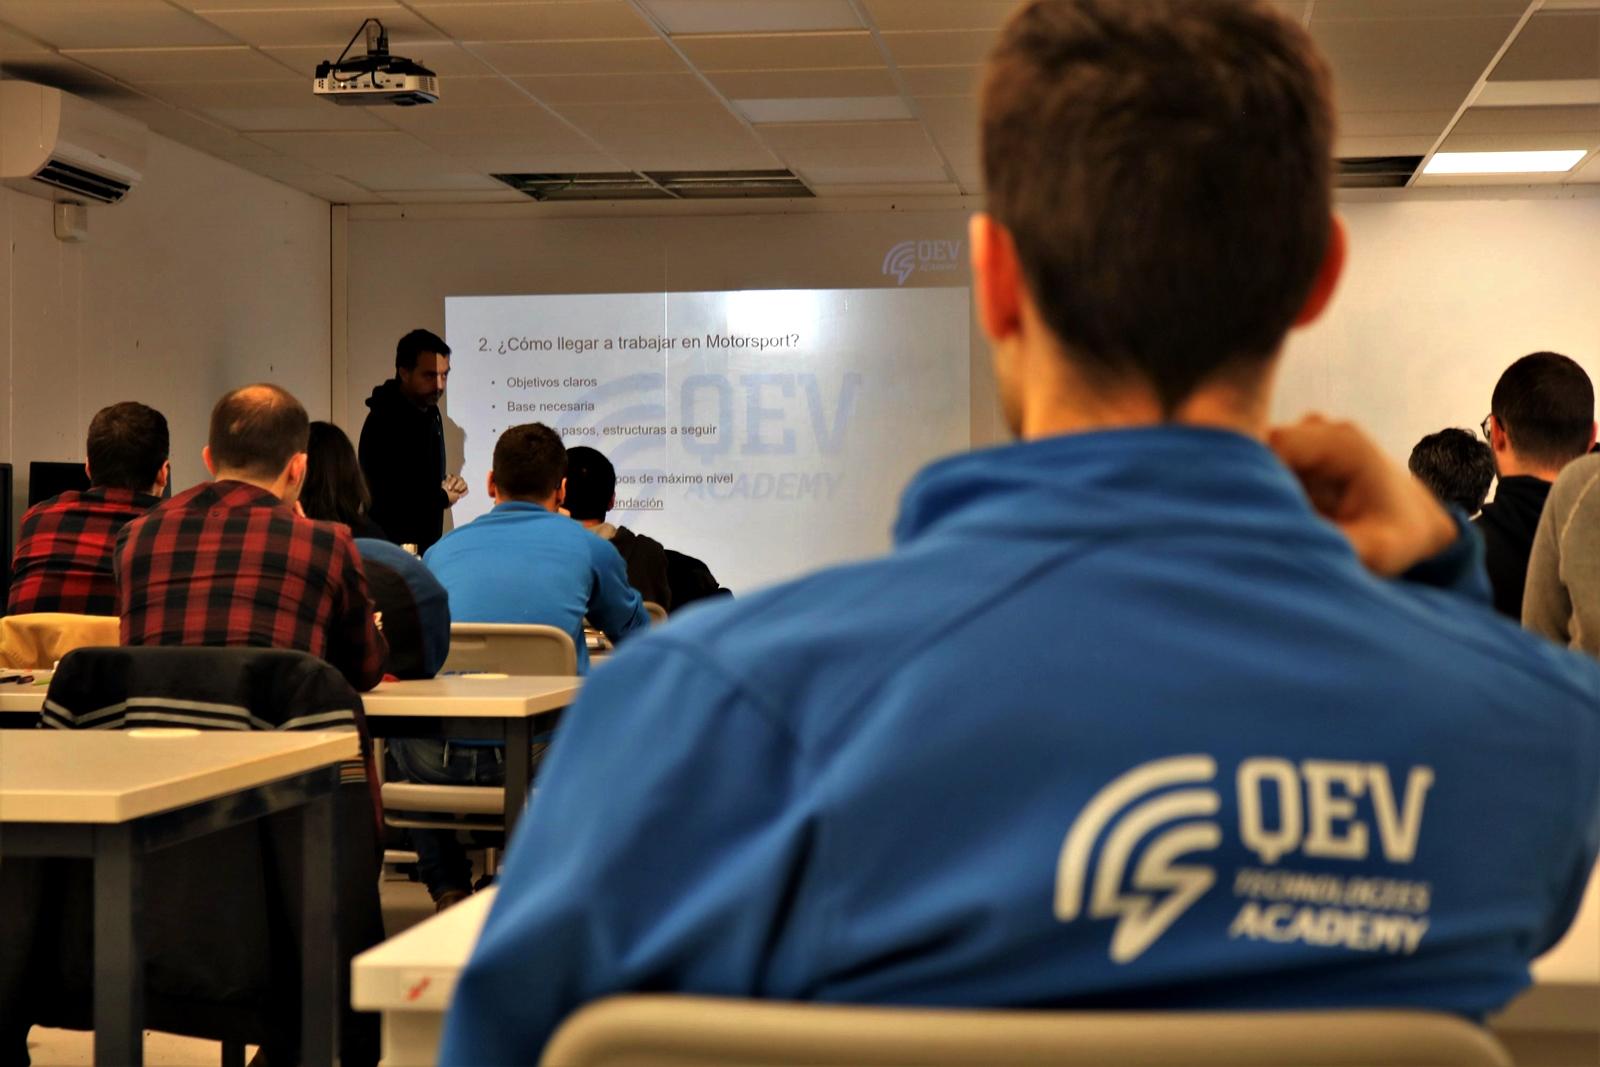 Qev Academy 2